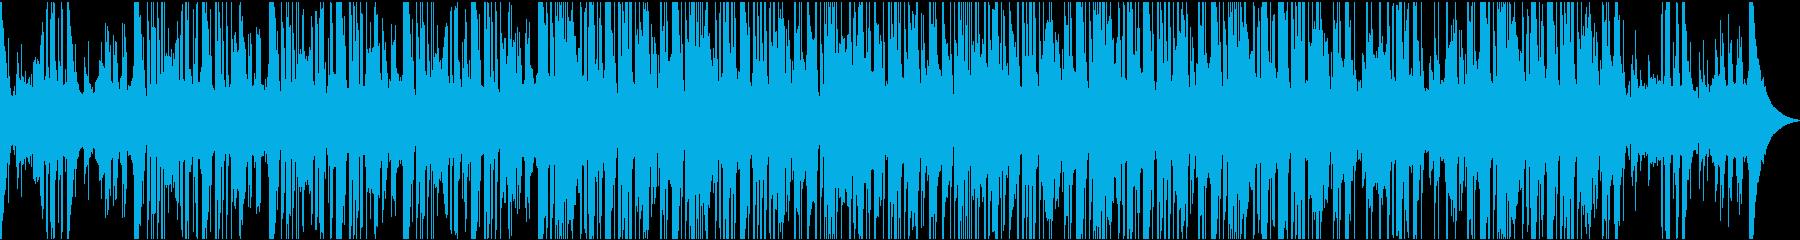 サラサラ ジャズ ドラマチック 感...の再生済みの波形